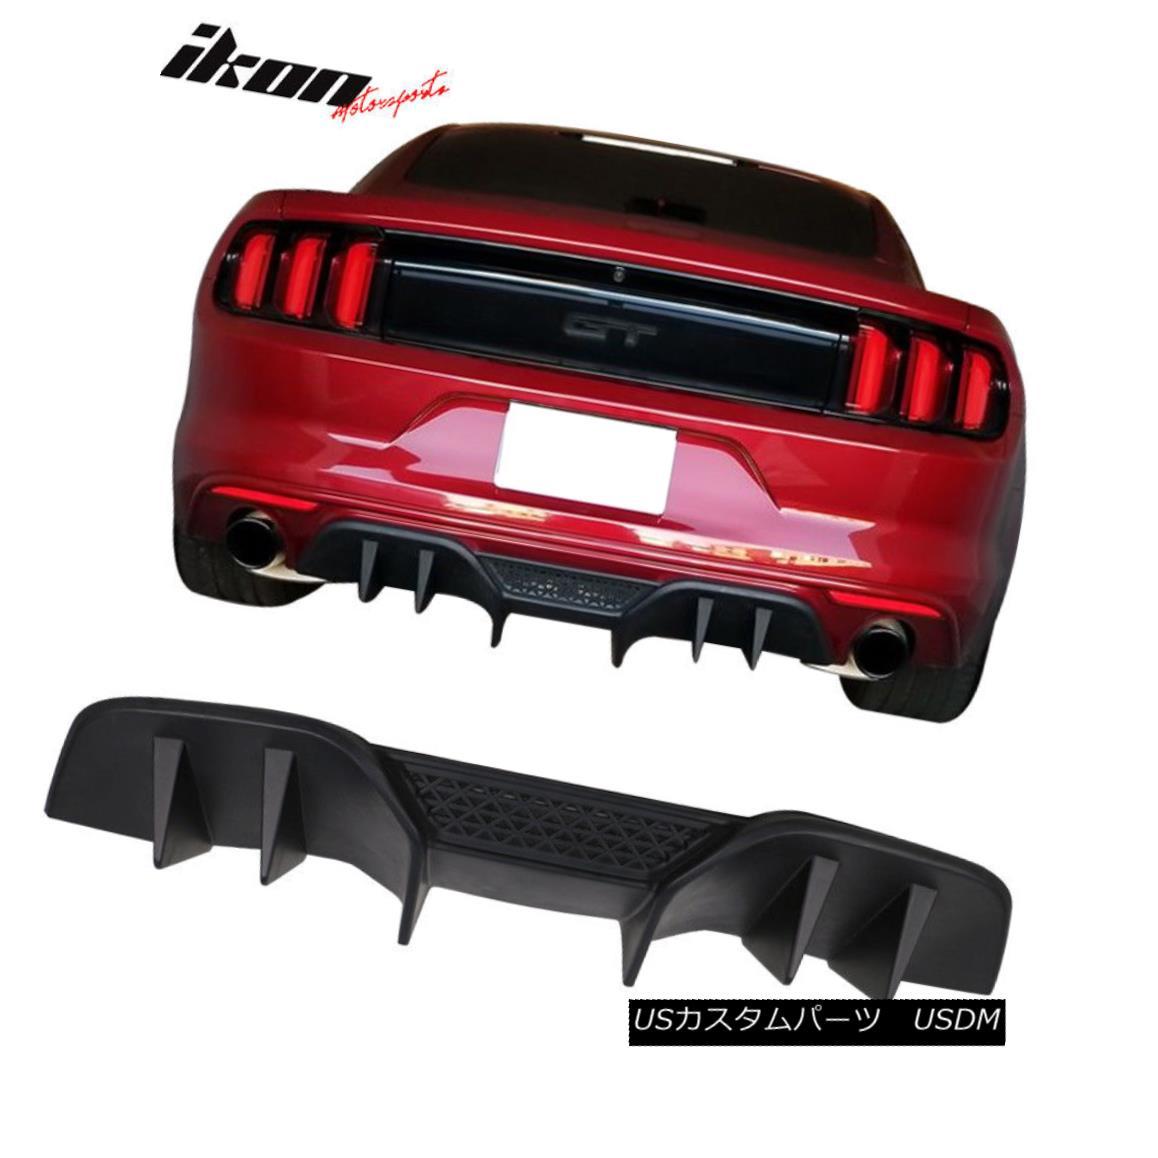 エアロパーツ Fits 15-17 Ford Mustang R-Spec V2 Rear Diffuser Lower Valance for NON PREMIUM ノンプレミアム15-17 Ford Mustang RスペックV2リアディフューザーローバルズに適合